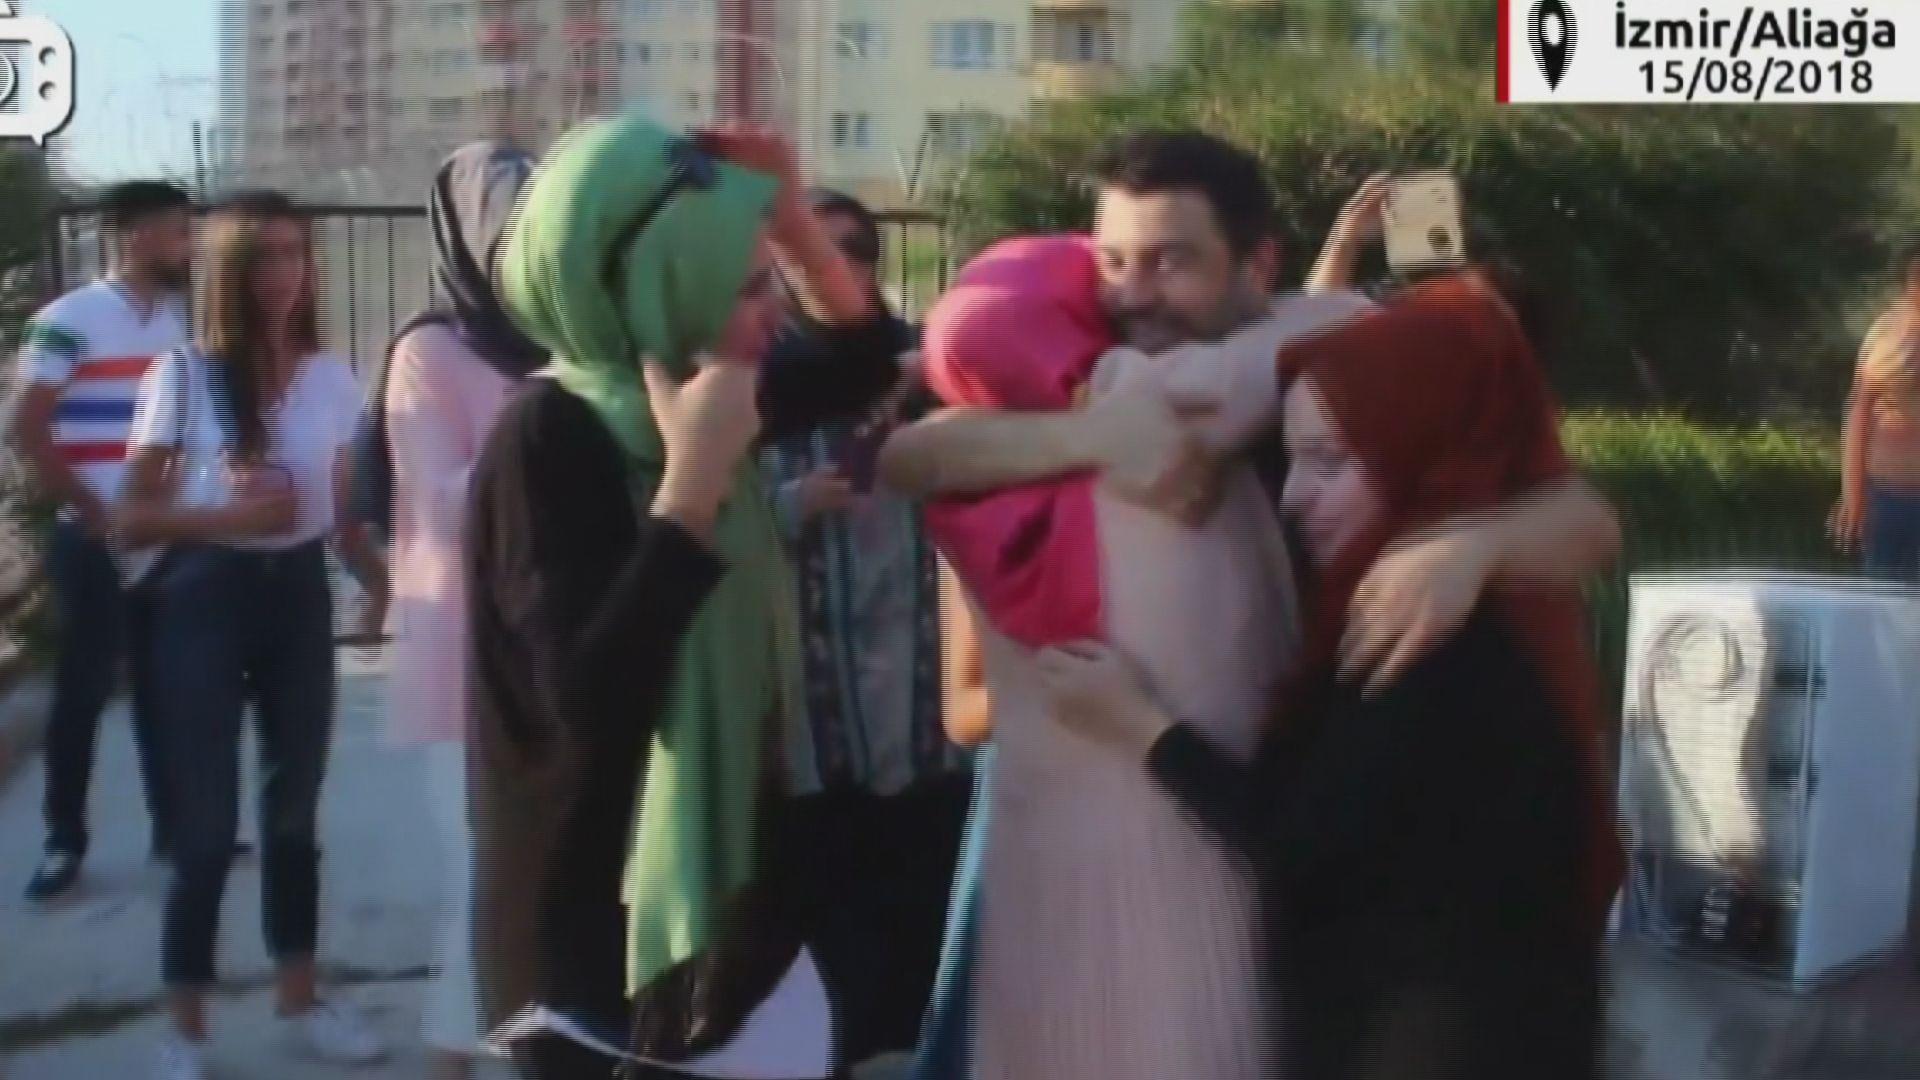 土耳其釋放國際特赦組織人員